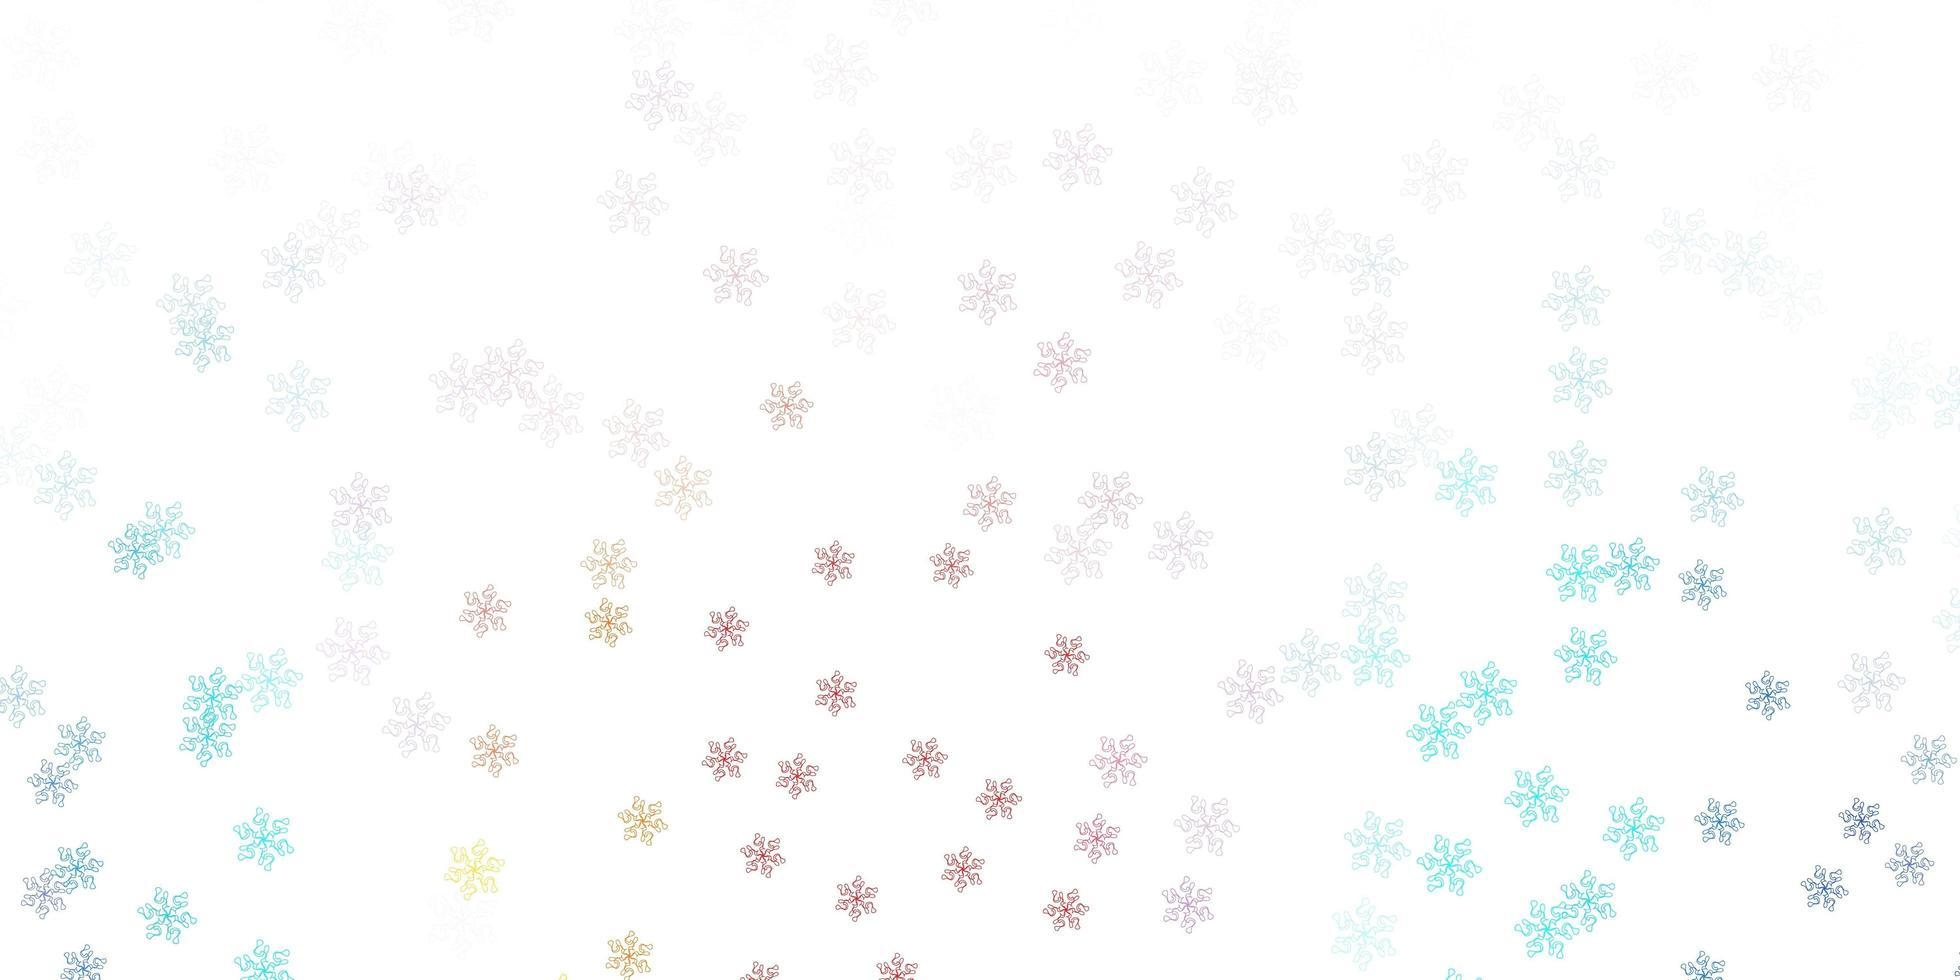 lichtblauwe, rode doodle textuur met bloemen. vector